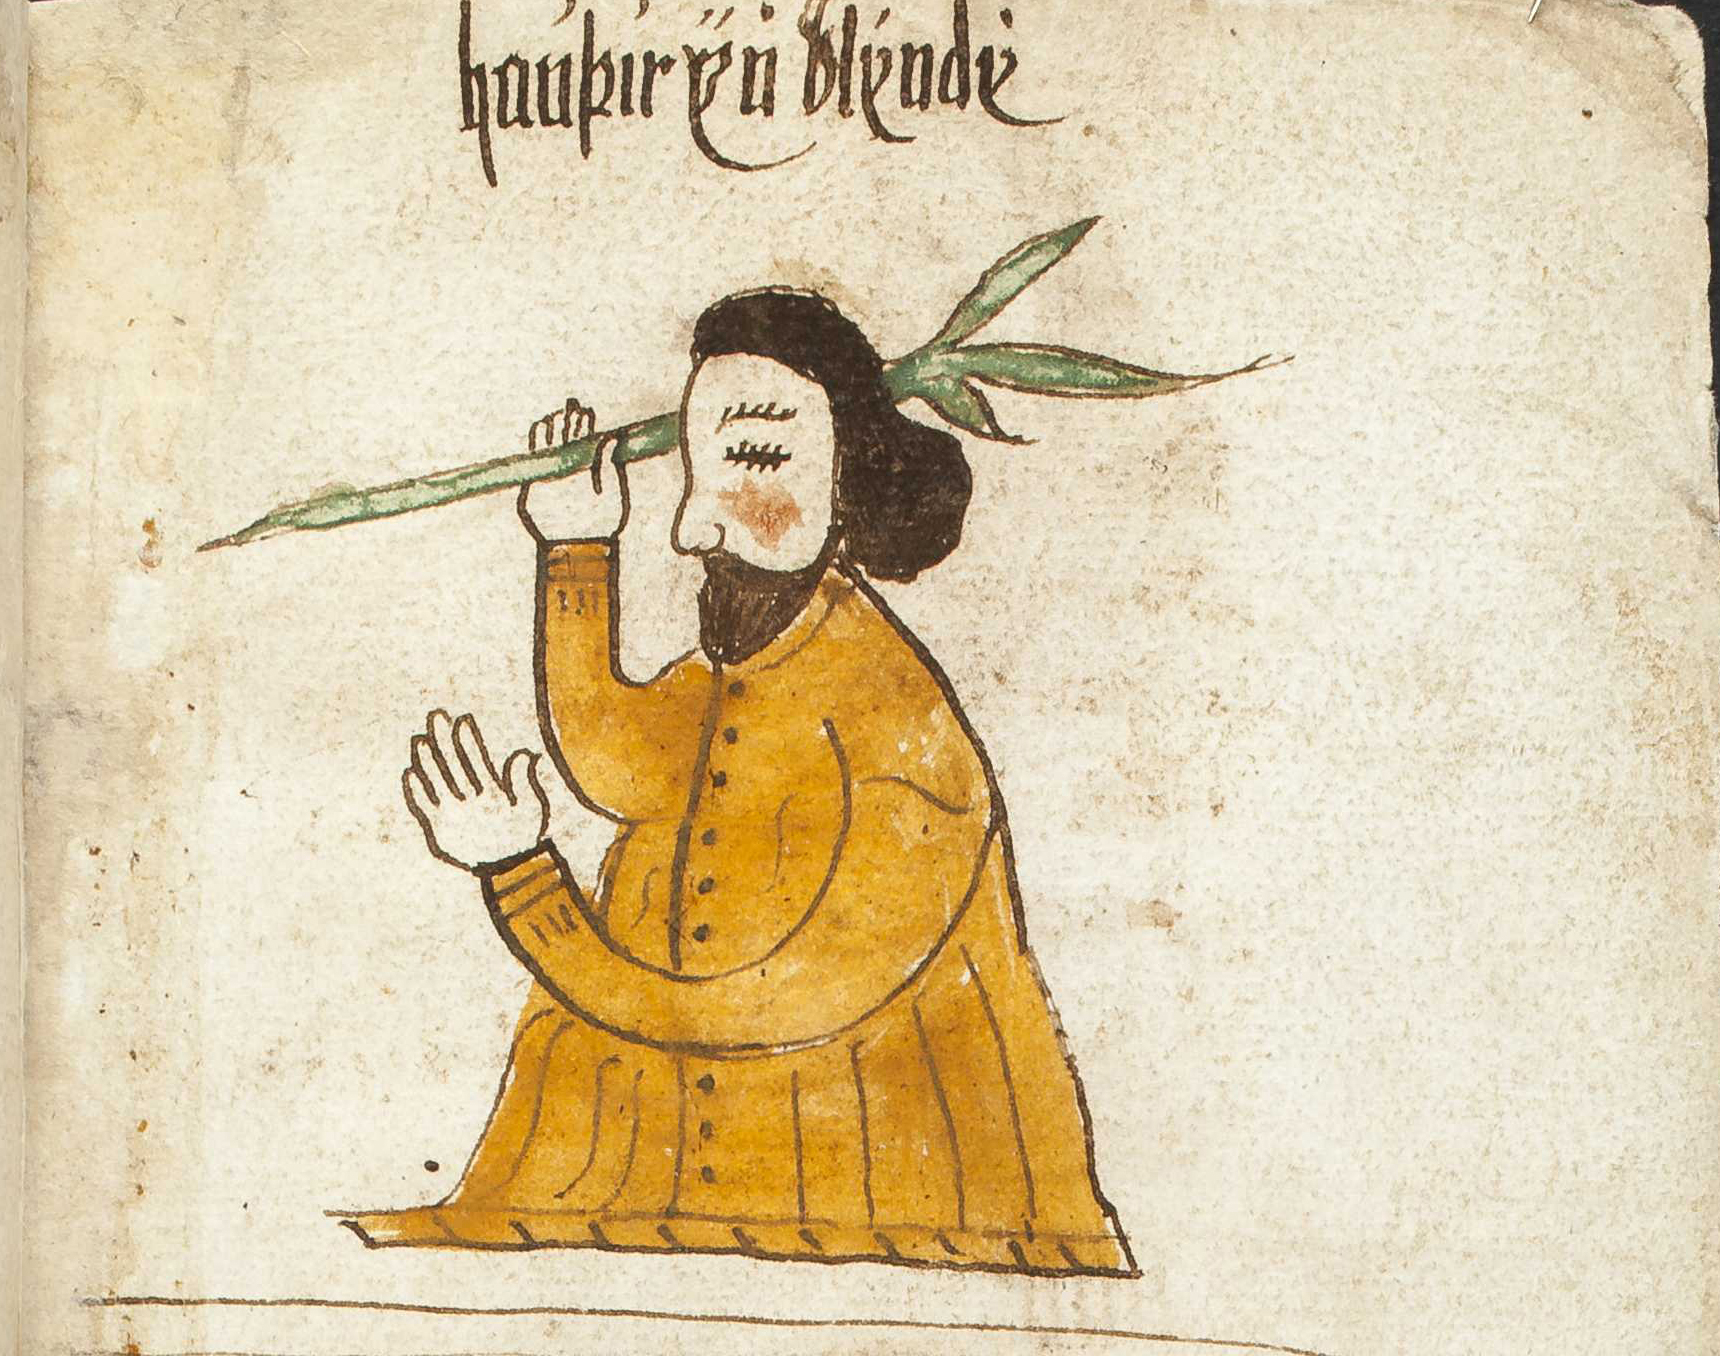 Höðr the Blind